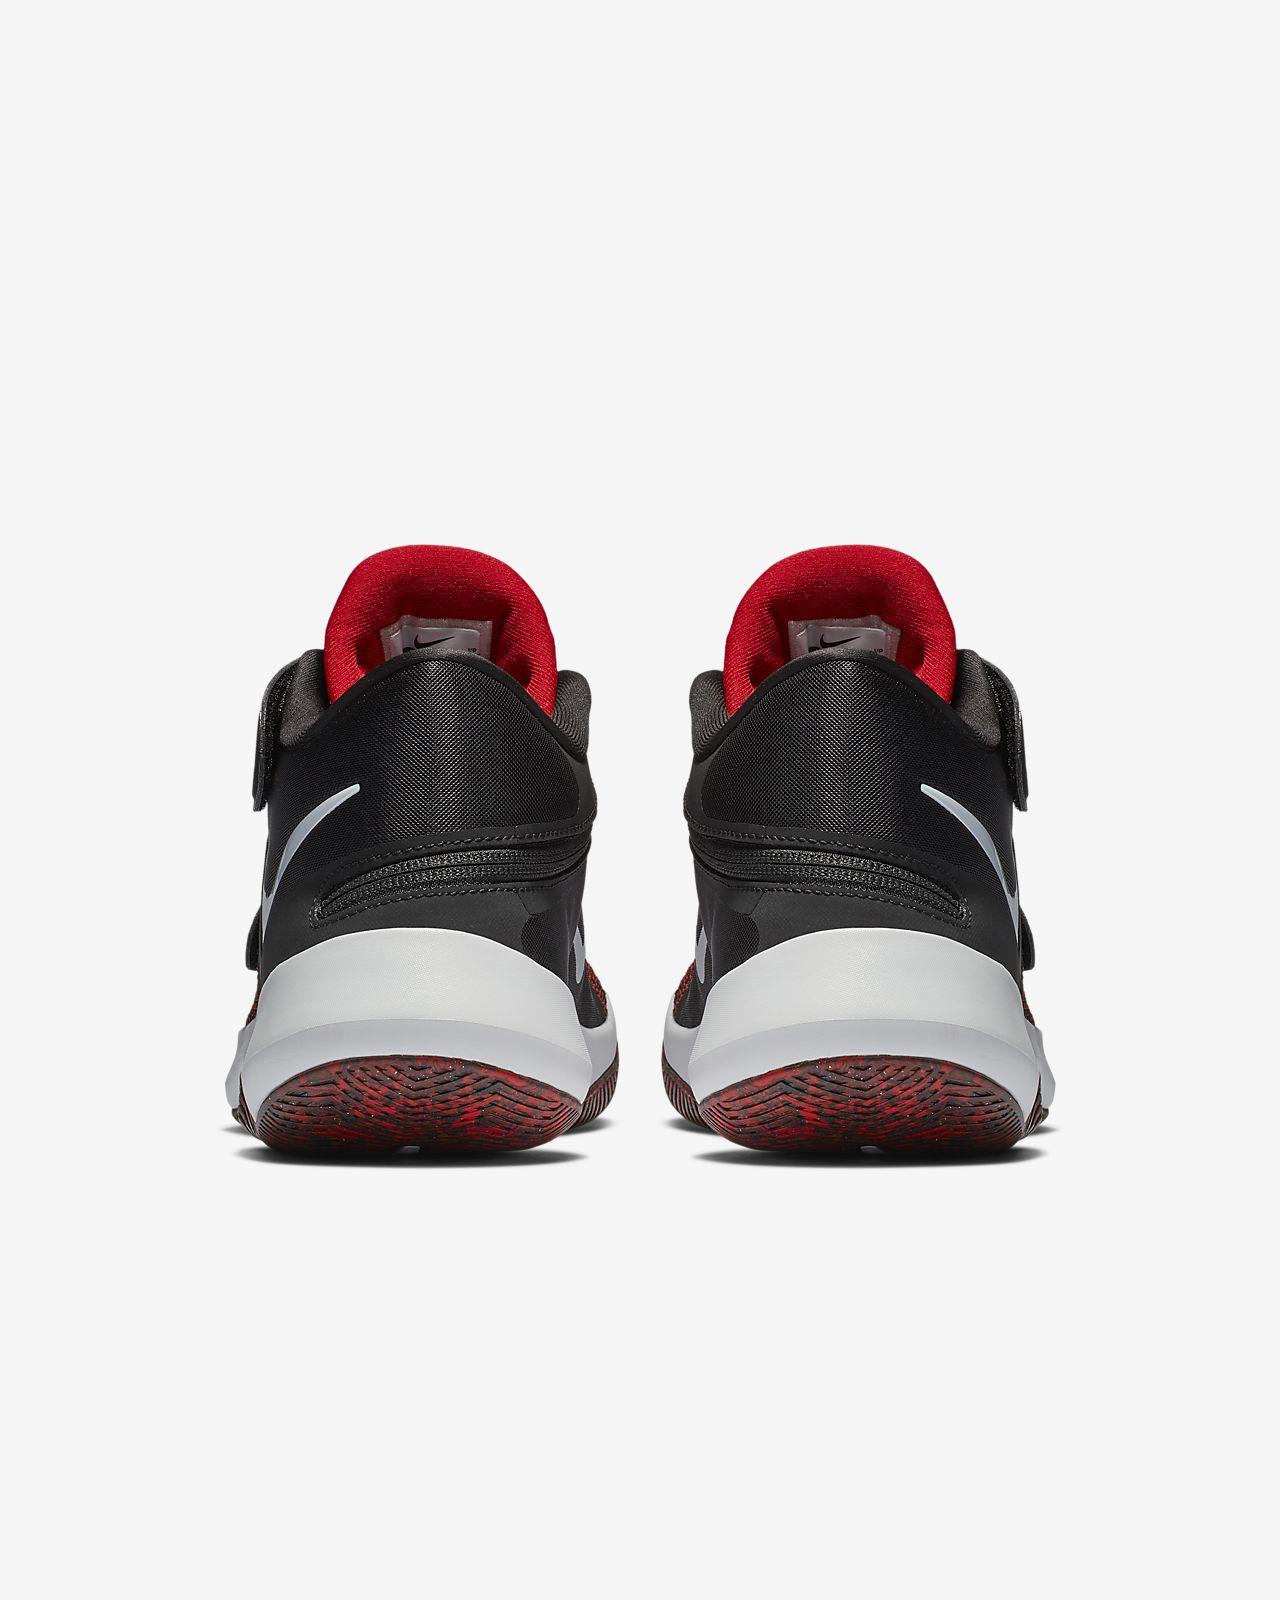 detailed look f00f8 b3dc2 ... Calzado de básquetbol para hombre Nike Air Precision 2 Fly Ease